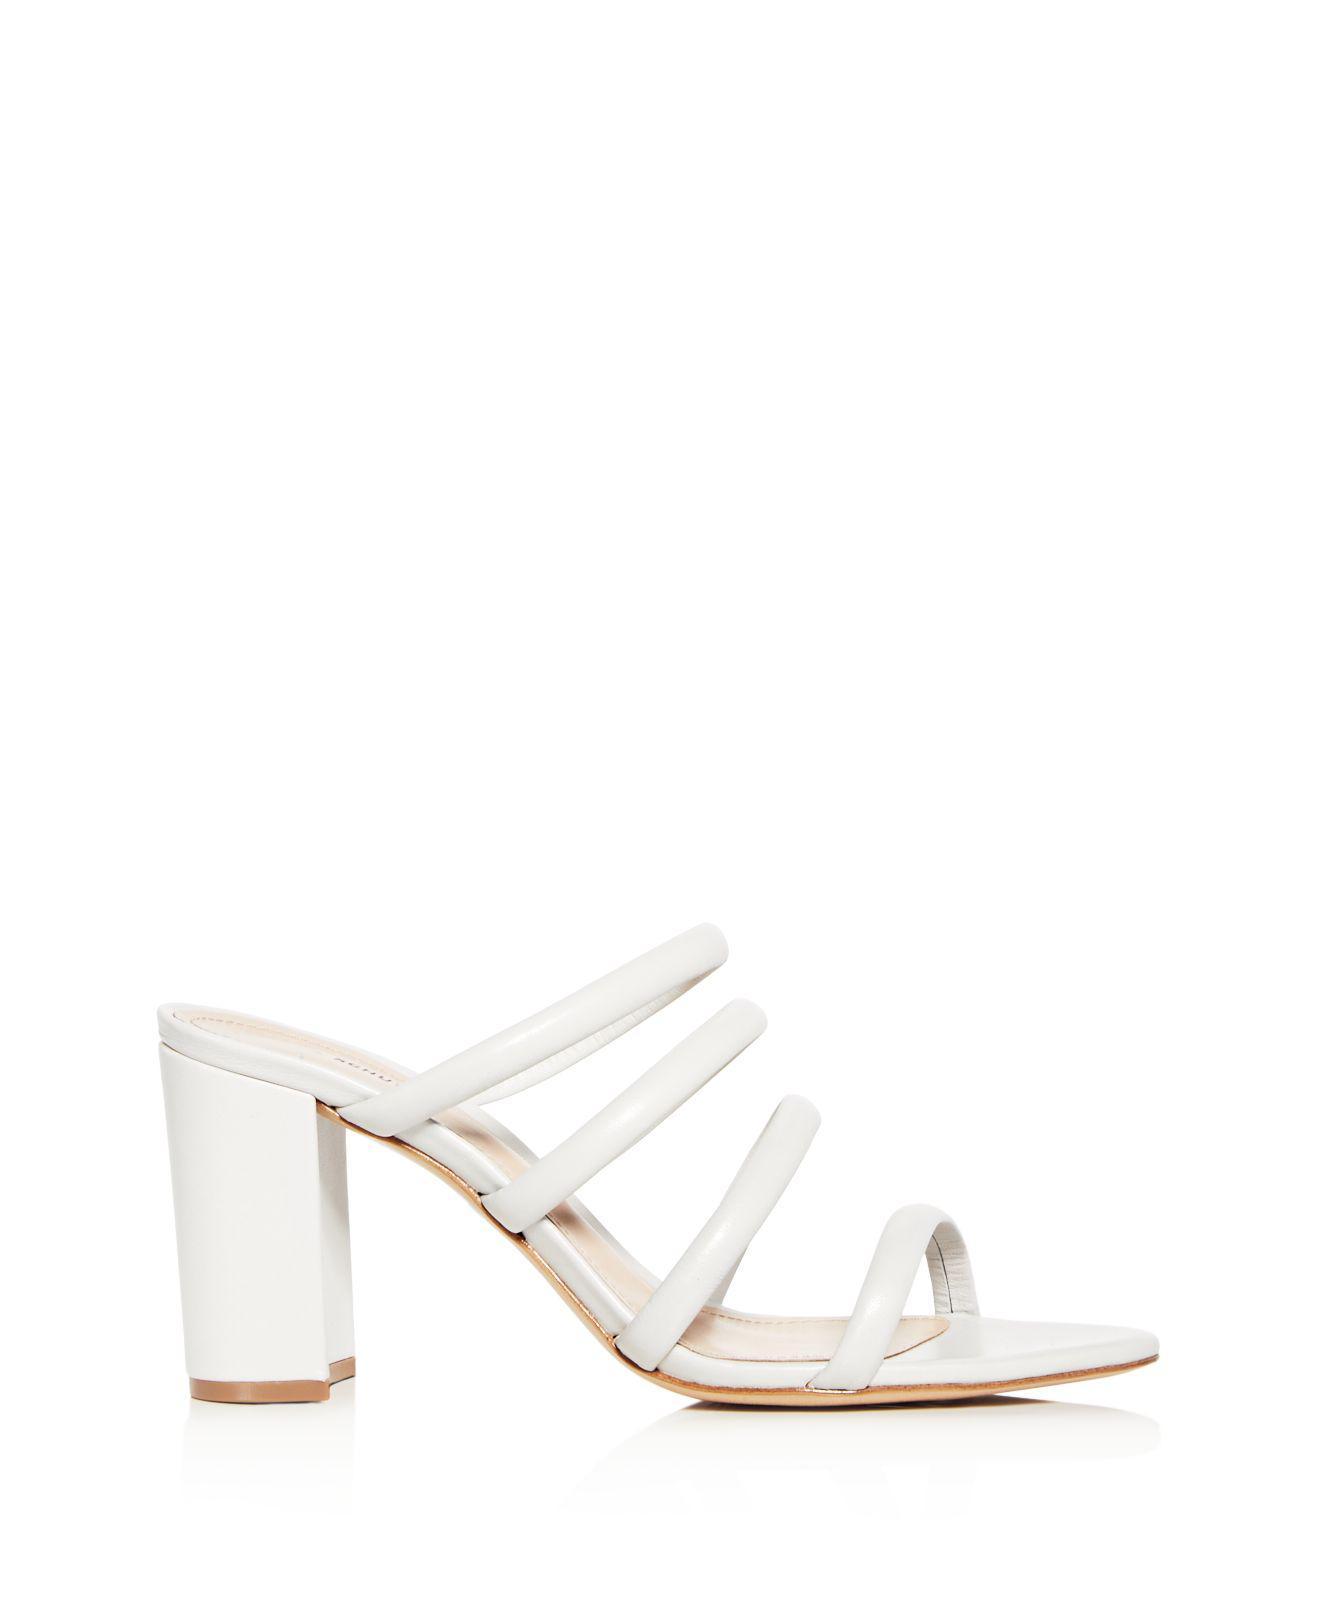 Schutz Women's Felisa Leather High Block-Heel Sandals lw0UI51t